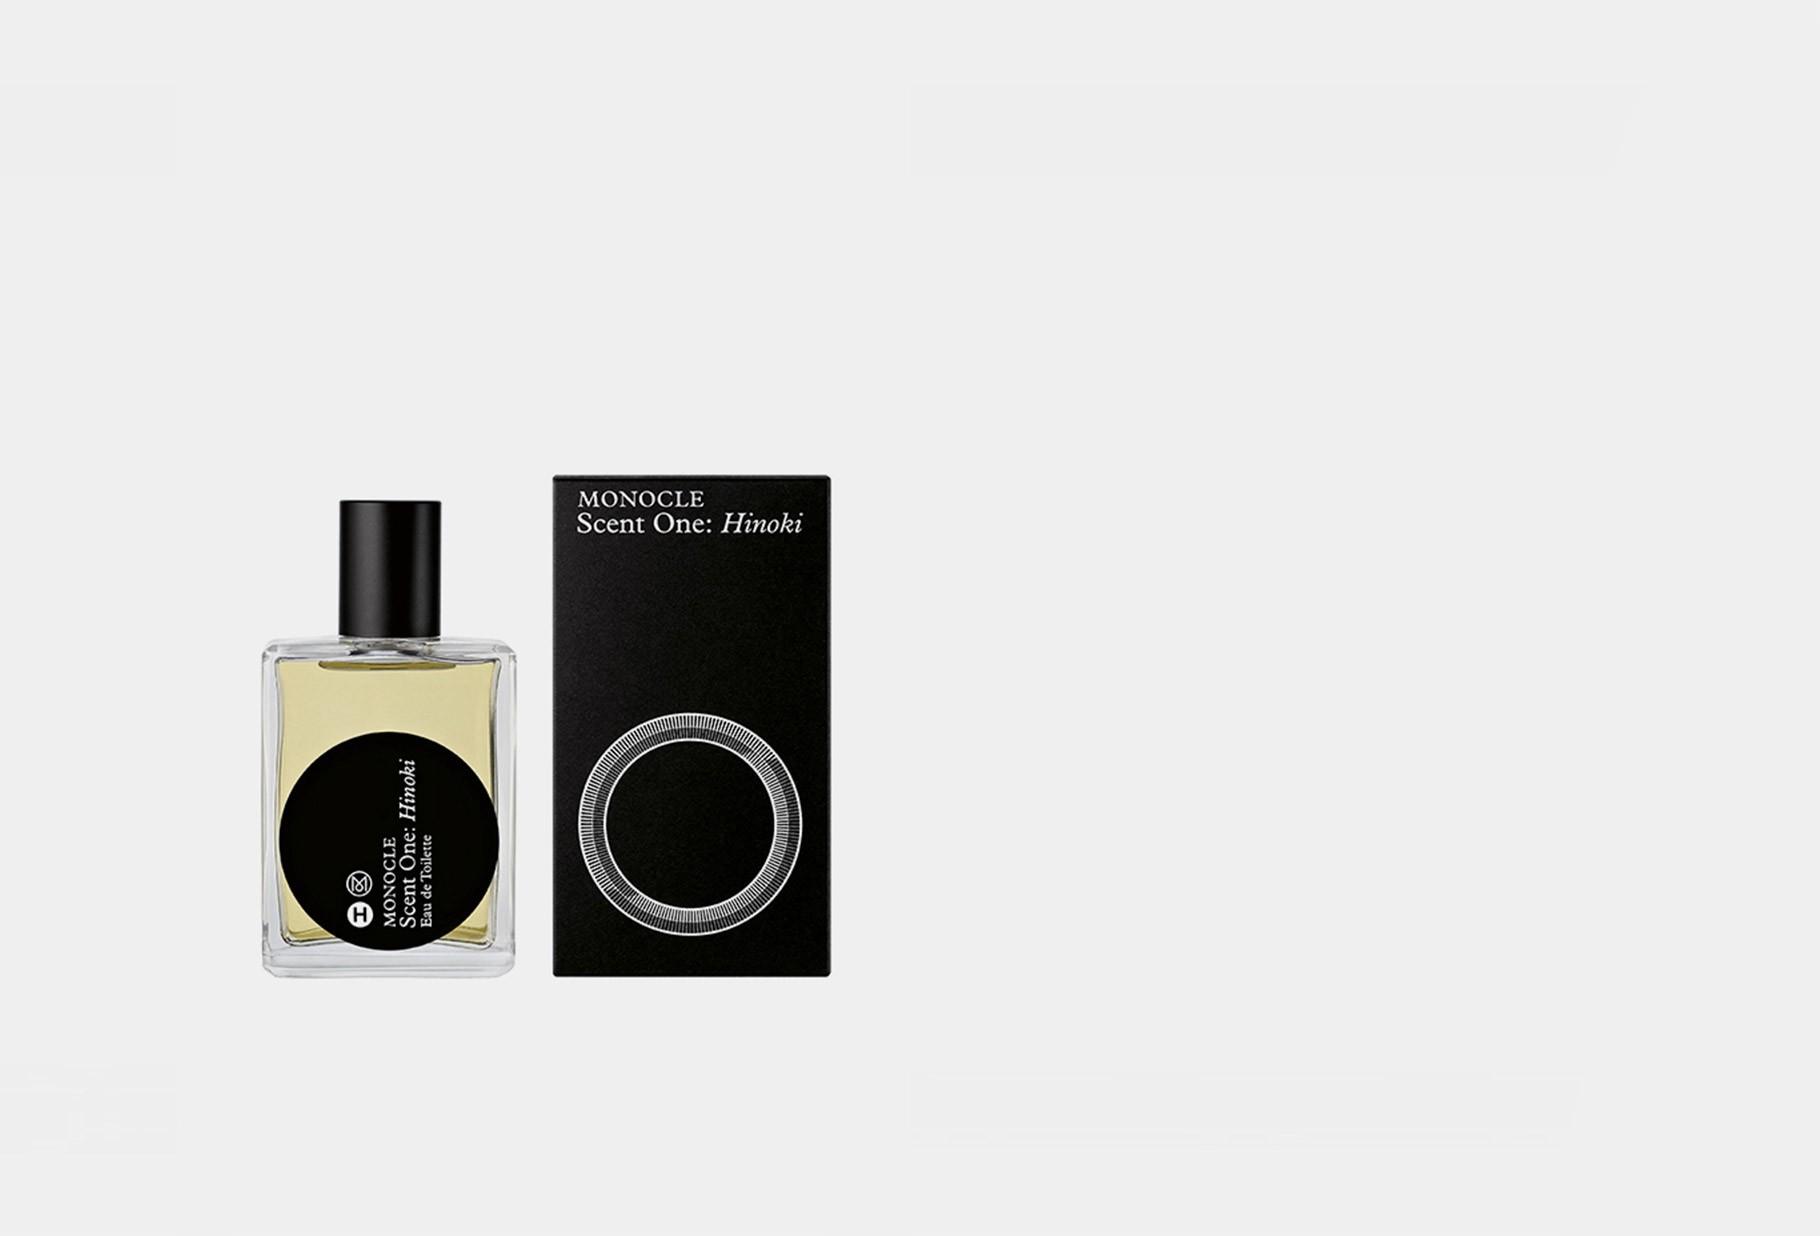 COMME DES GARÇONS PARFUMS / Cdg x monocle scent one hinoki